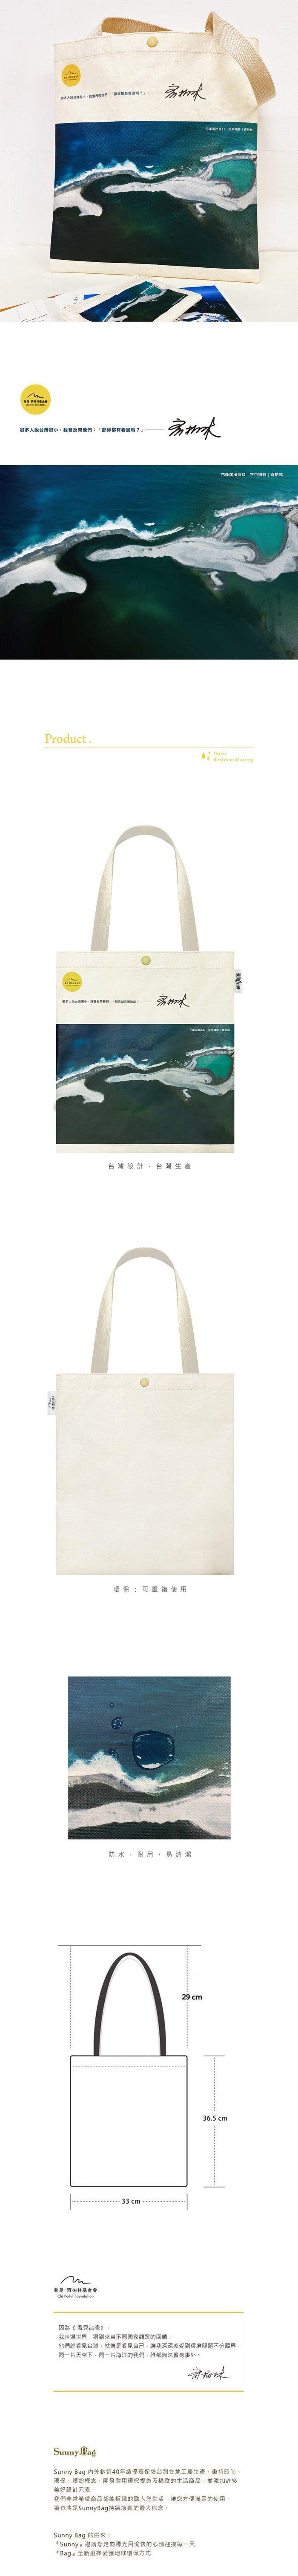 (複製)Sunny Bag 看見.齊柏林基金會-書袋/文青袋-花蓮稻田大腳印